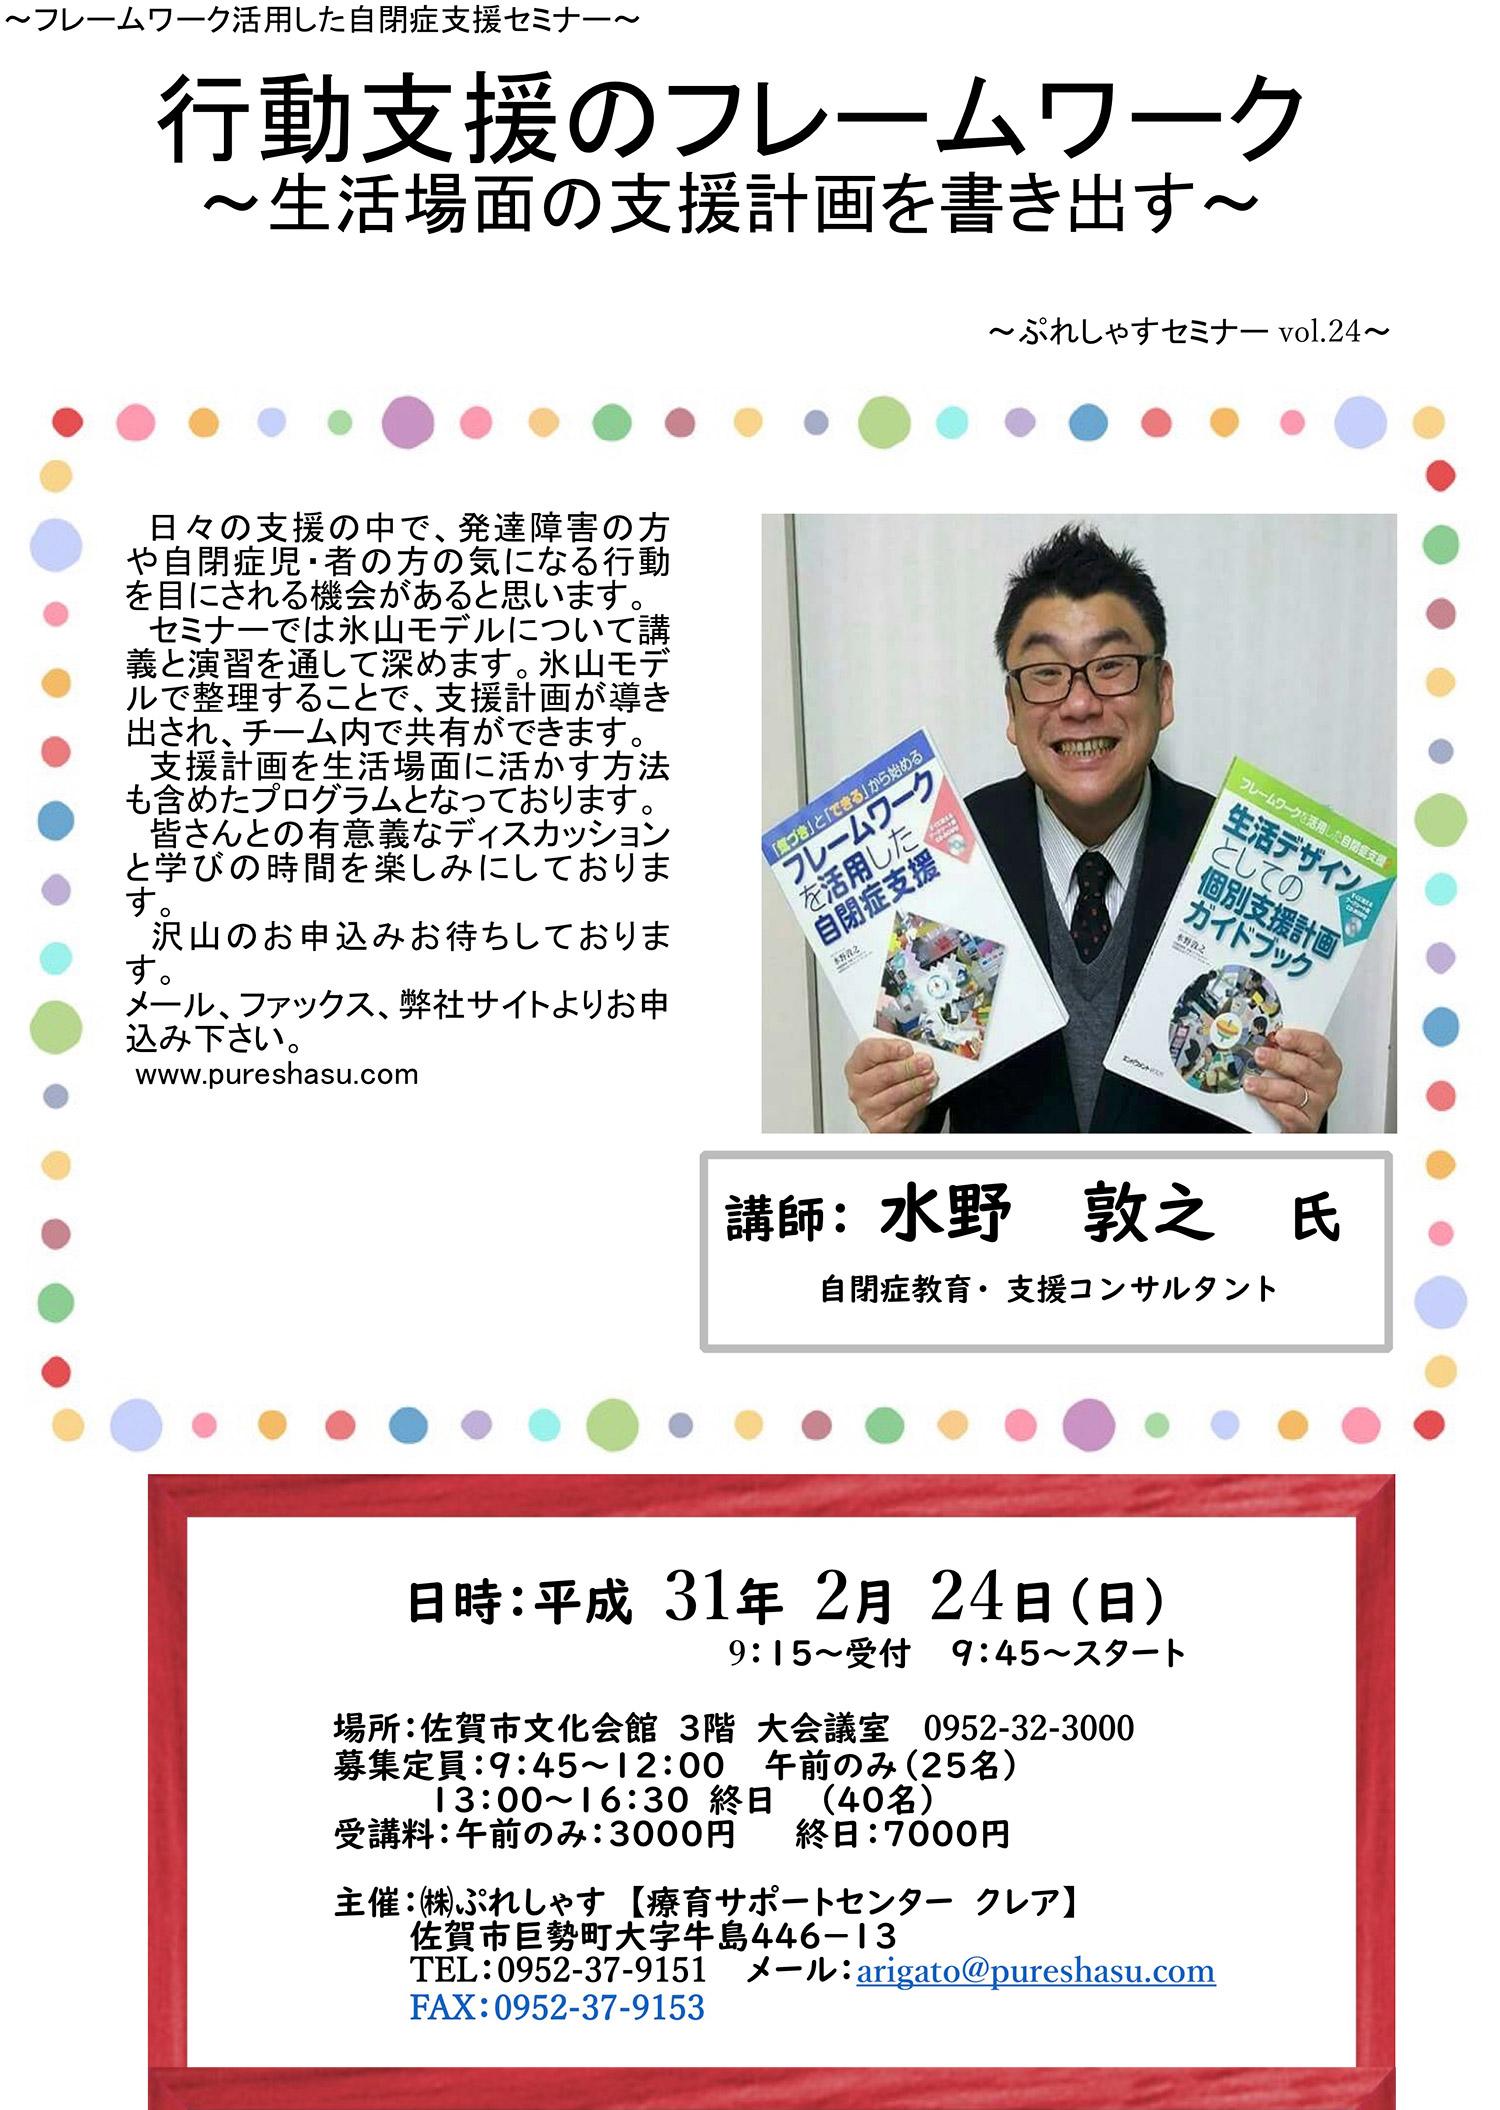 ぷれしゃすセミナー Vol.24